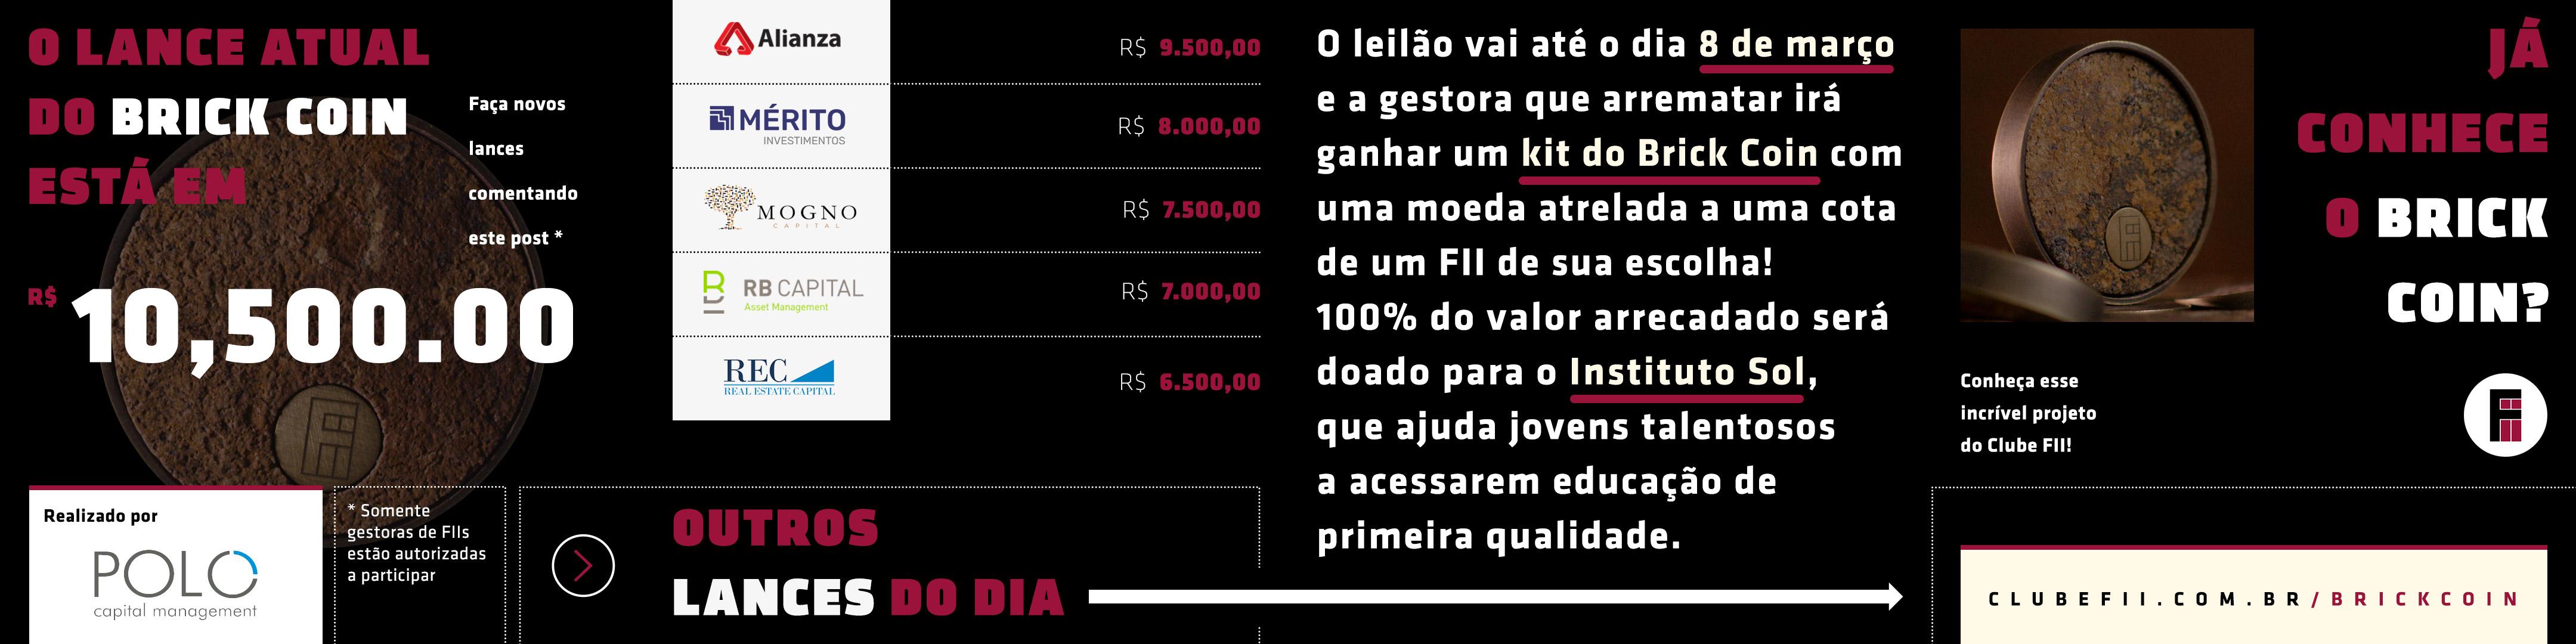 brickcoin_leilao_01